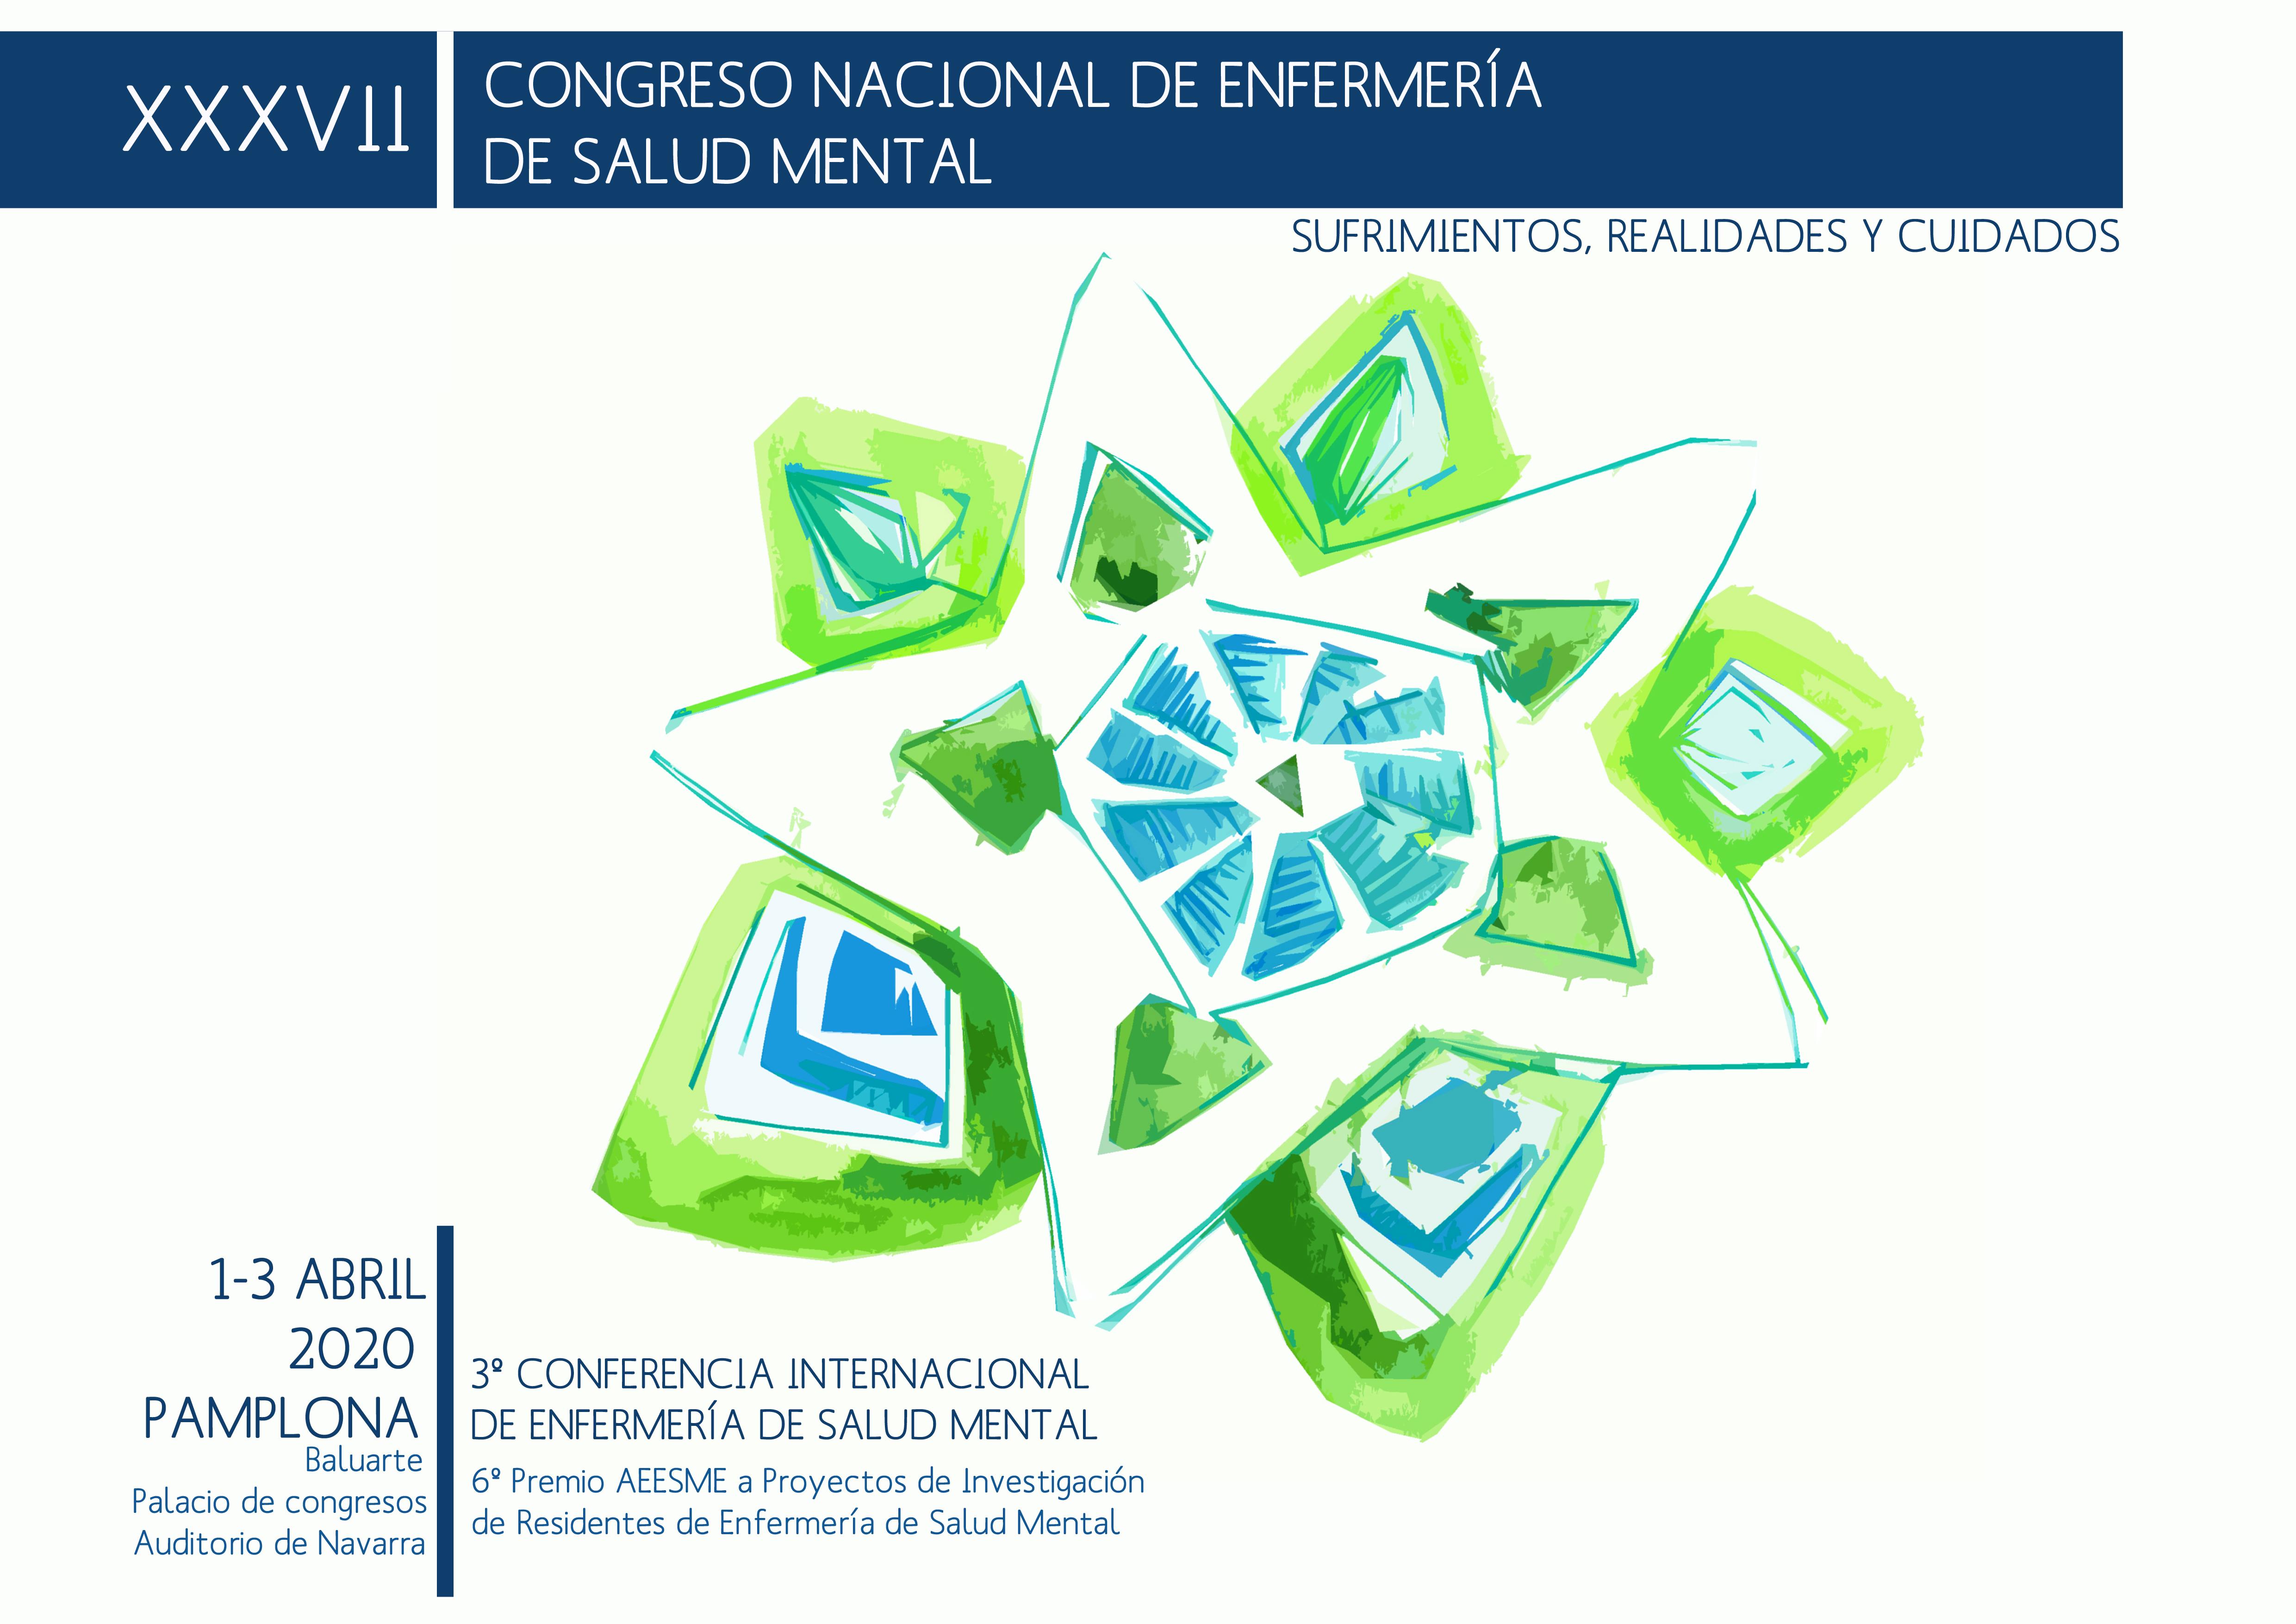 XXXVII Congreso Nacional de Enfermeria de Salud Mental. @ Palacio de Congresos y Auditorio de Navarra